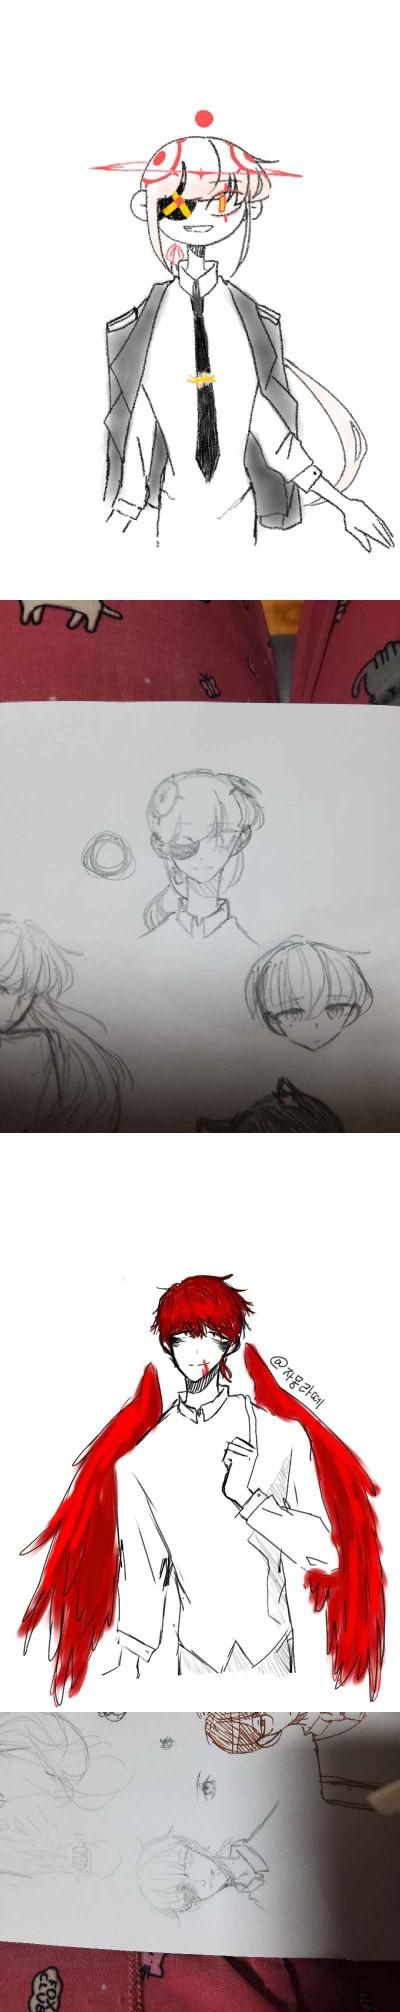 손긂 패드긂 갭차이 | 1ho | Digital Drawing | PENUP